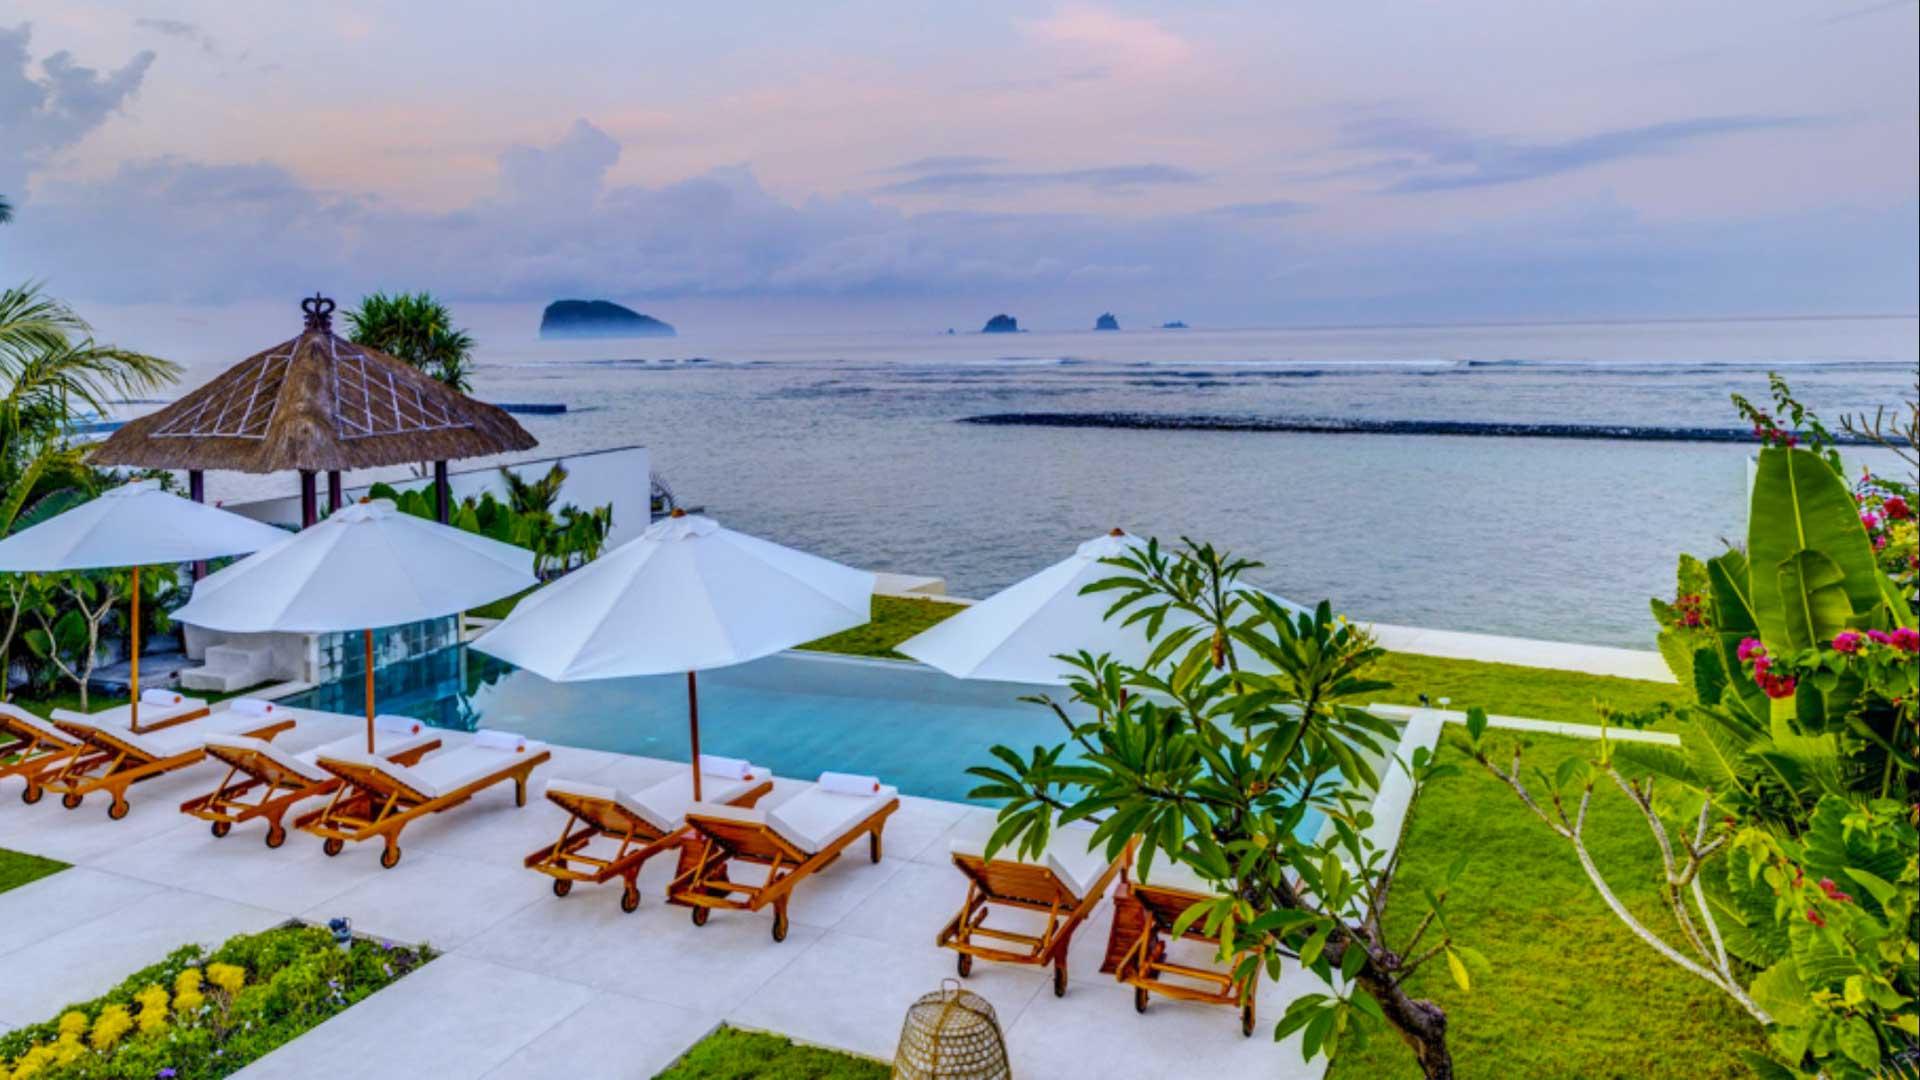 Villa Oceana Bali